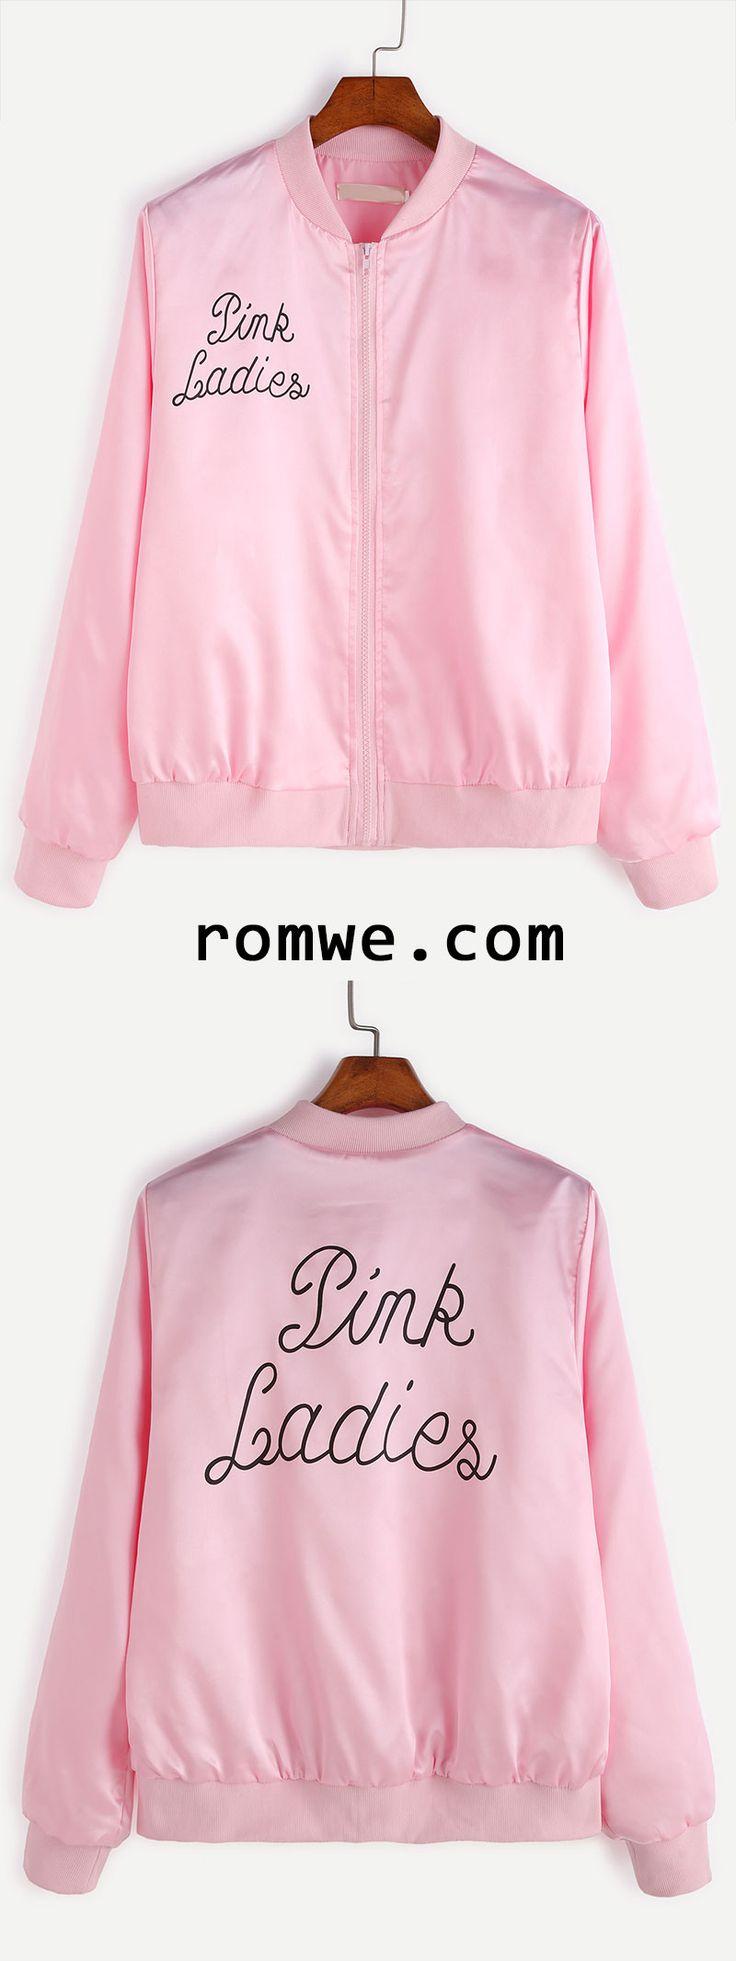 (Grease) Pink Ladies